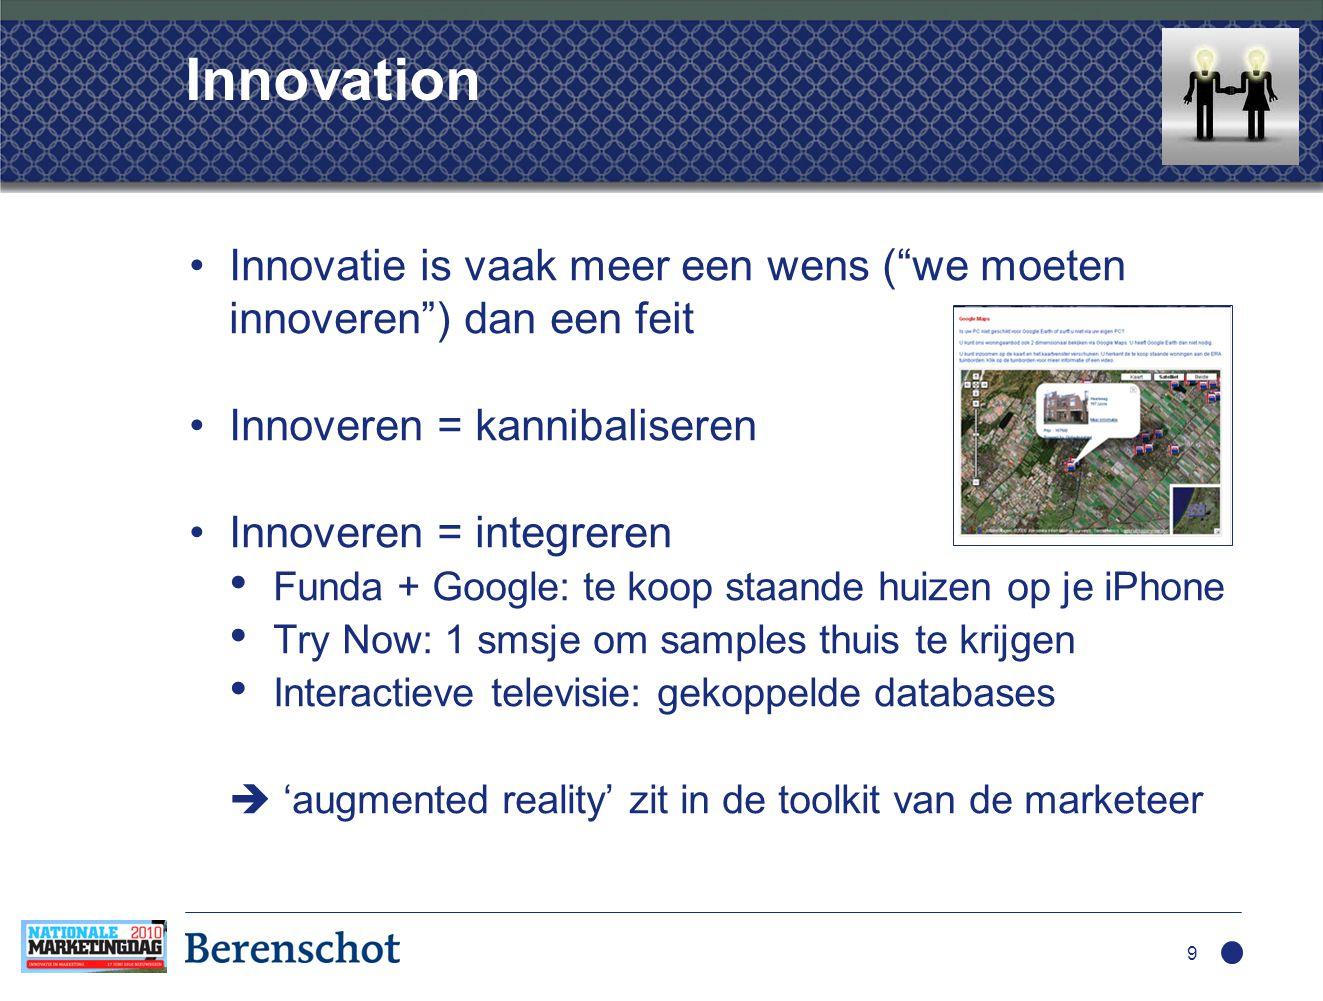 Innovation •Innovatie is vaak meer een wens ( we moeten innoveren ) dan een feit •Innoveren = kannibaliseren •Innoveren = integreren • Funda + Google: te koop staande huizen op je iPhone • Try Now: 1 smsje om samples thuis te krijgen • Interactieve televisie: gekoppelde databases  'augmented reality' zit in de toolkit van de marketeer 9